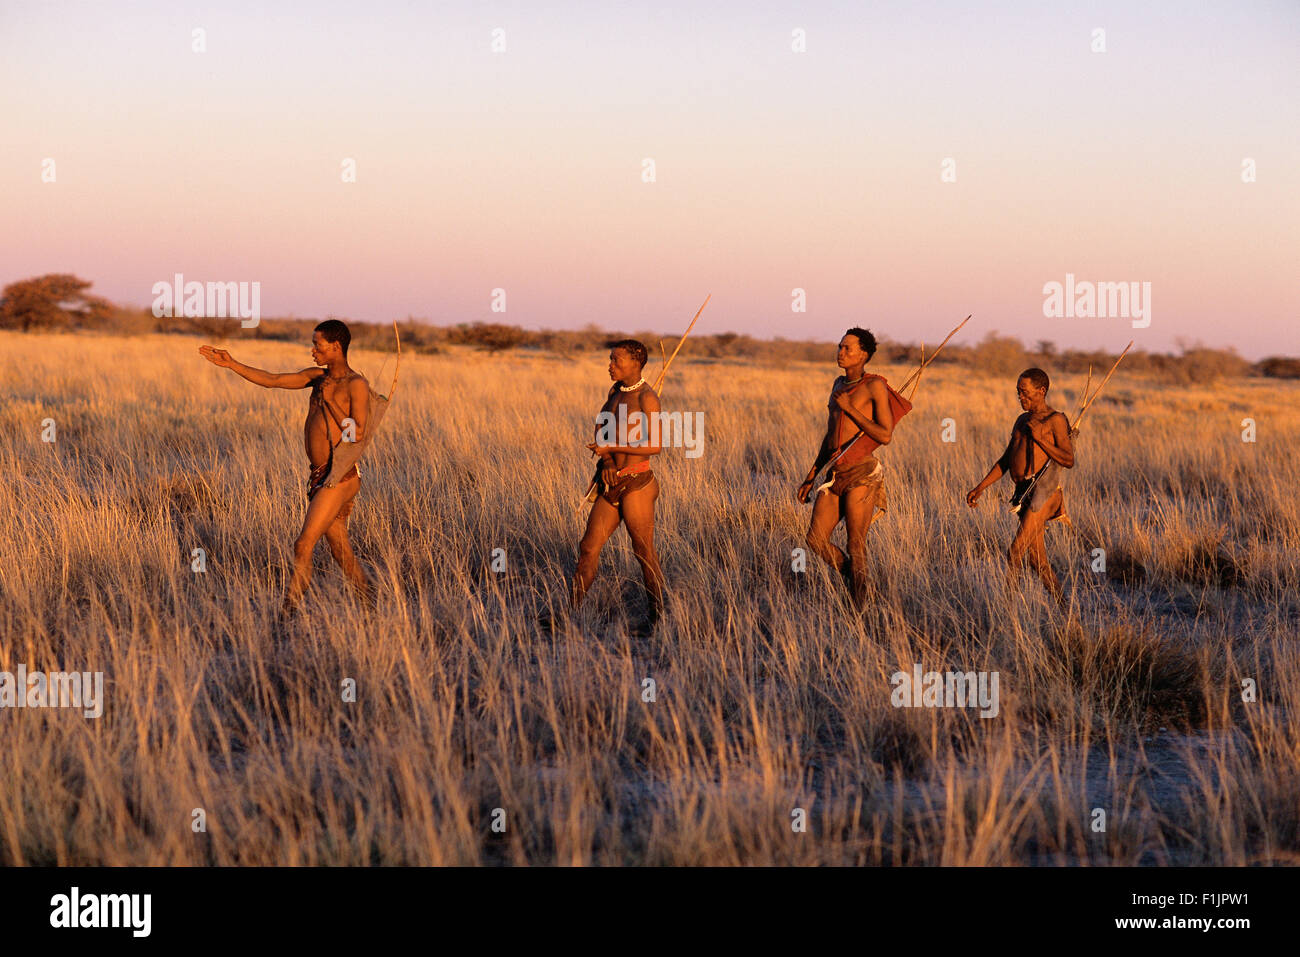 Bushmen Hunting at Dusk, Namibia, Africa - Stock Image